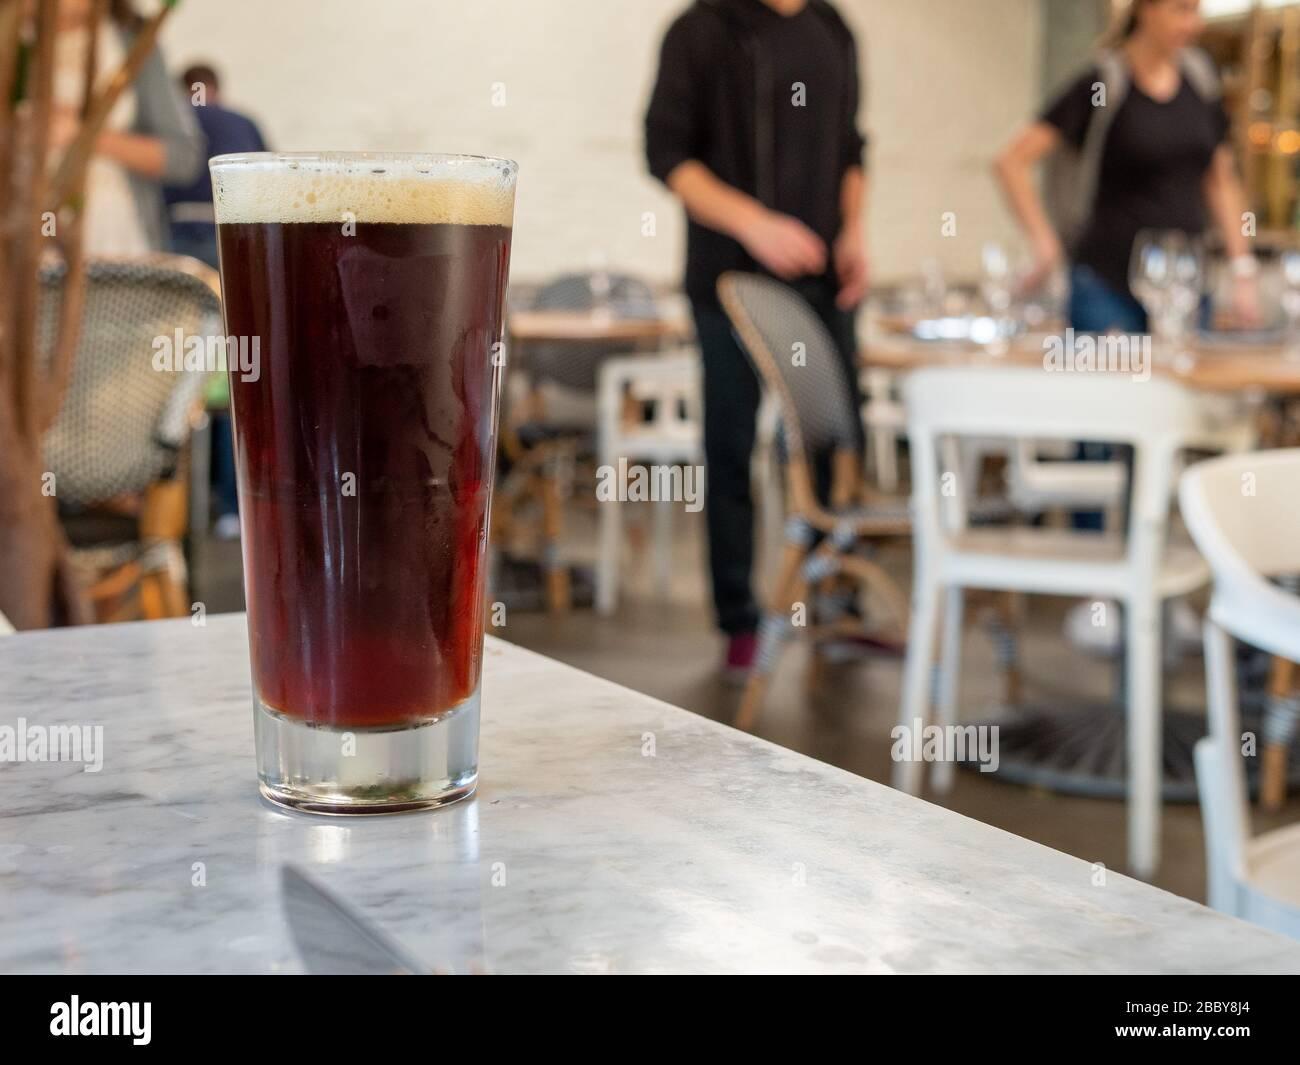 Dunkles Bier, das auf dem Tisch im Restaurant sitzt, und die Gäste sitzen Stockfoto